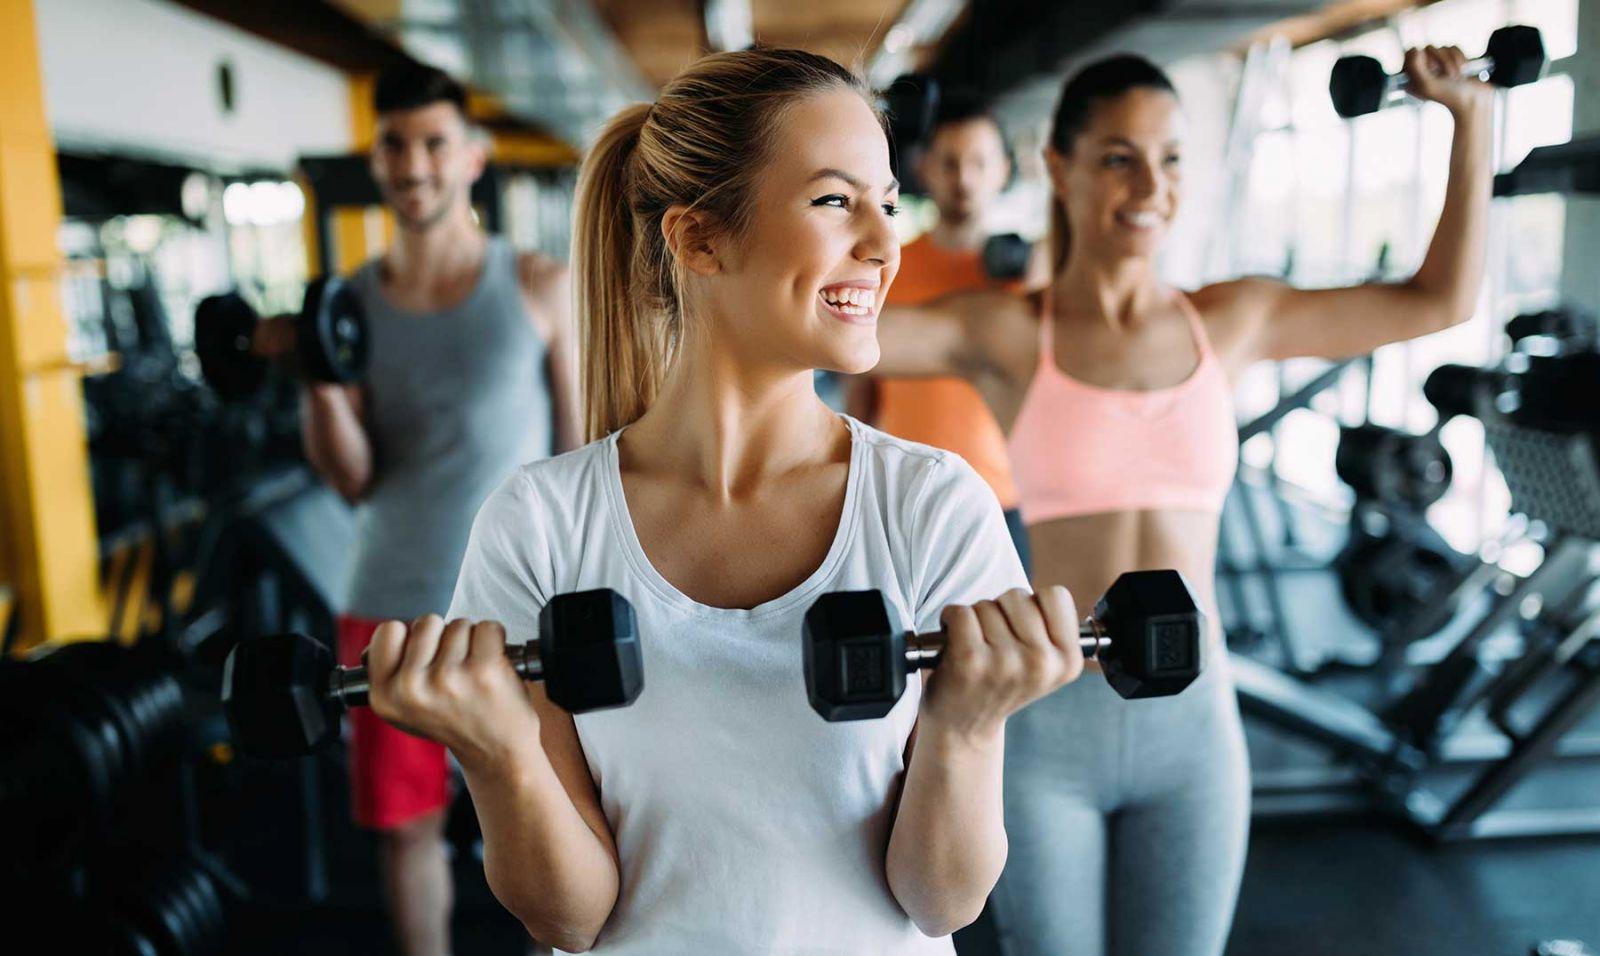 Estudio muestra que el ejercicio reduce el riesgo de morir por Covid-19